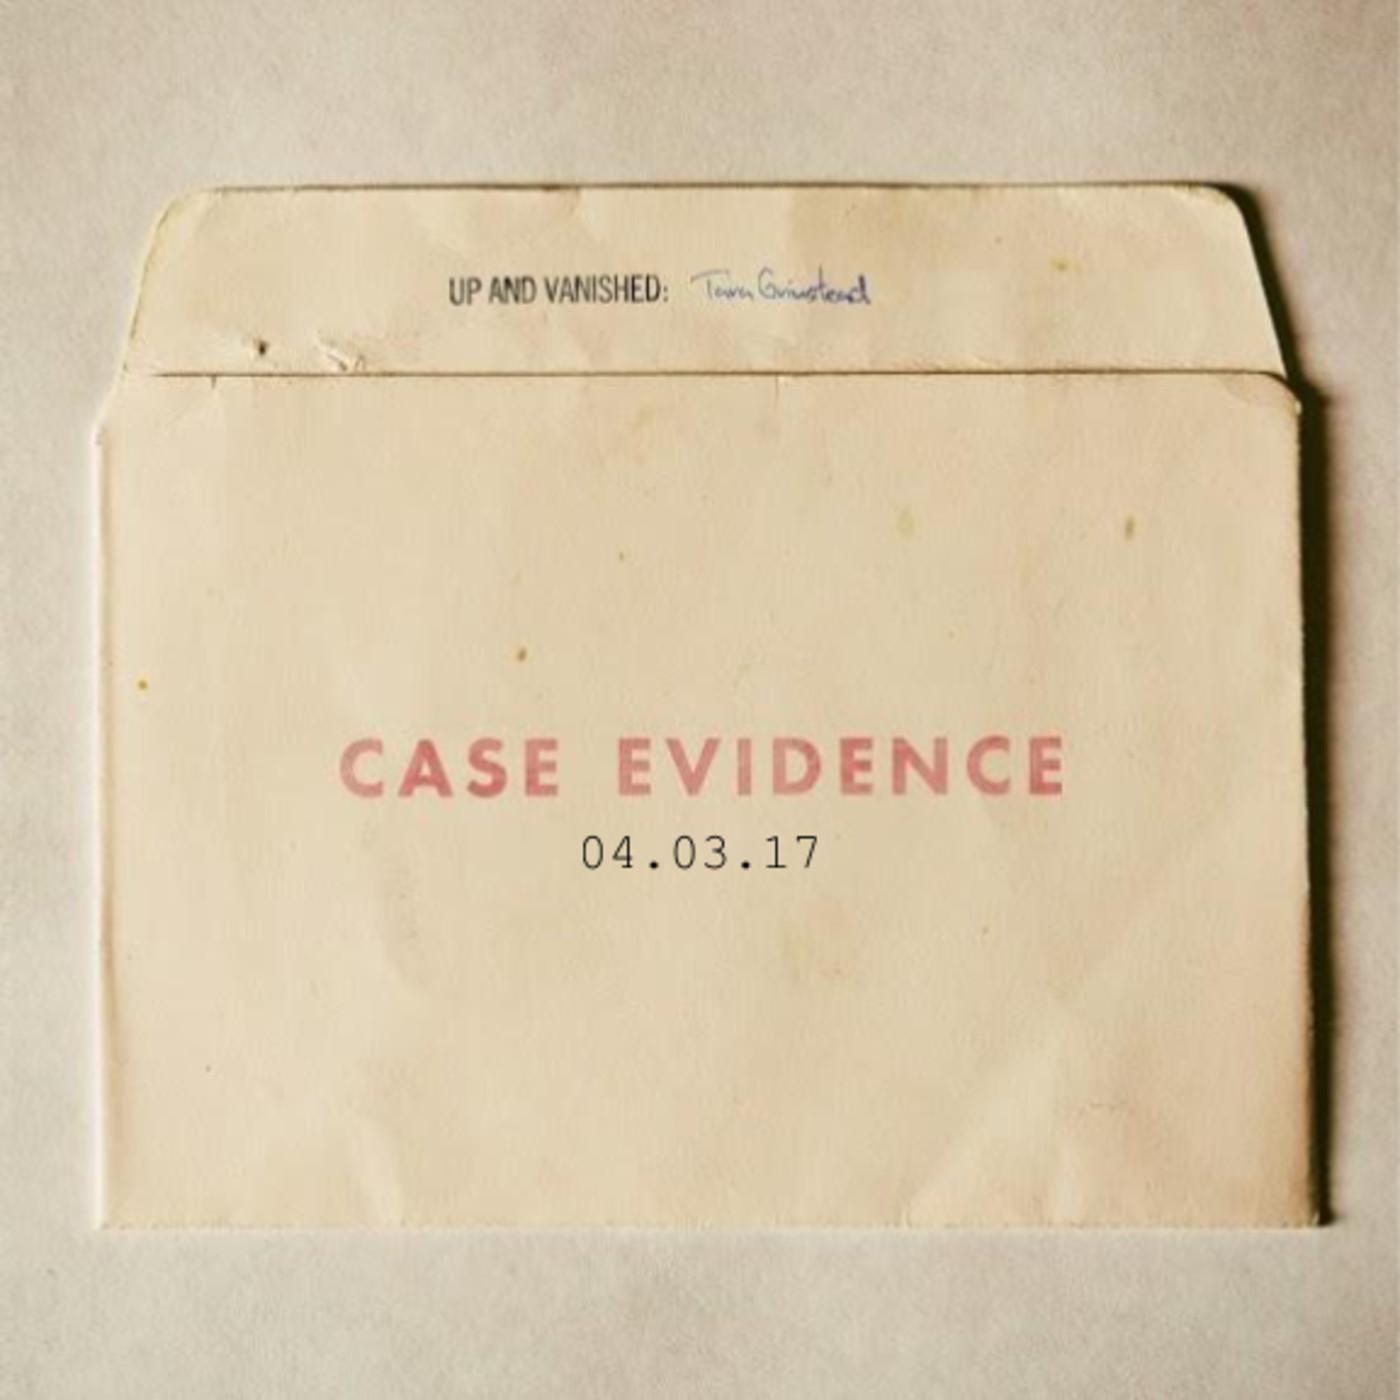 S1E : Case Evidence 04.03.17